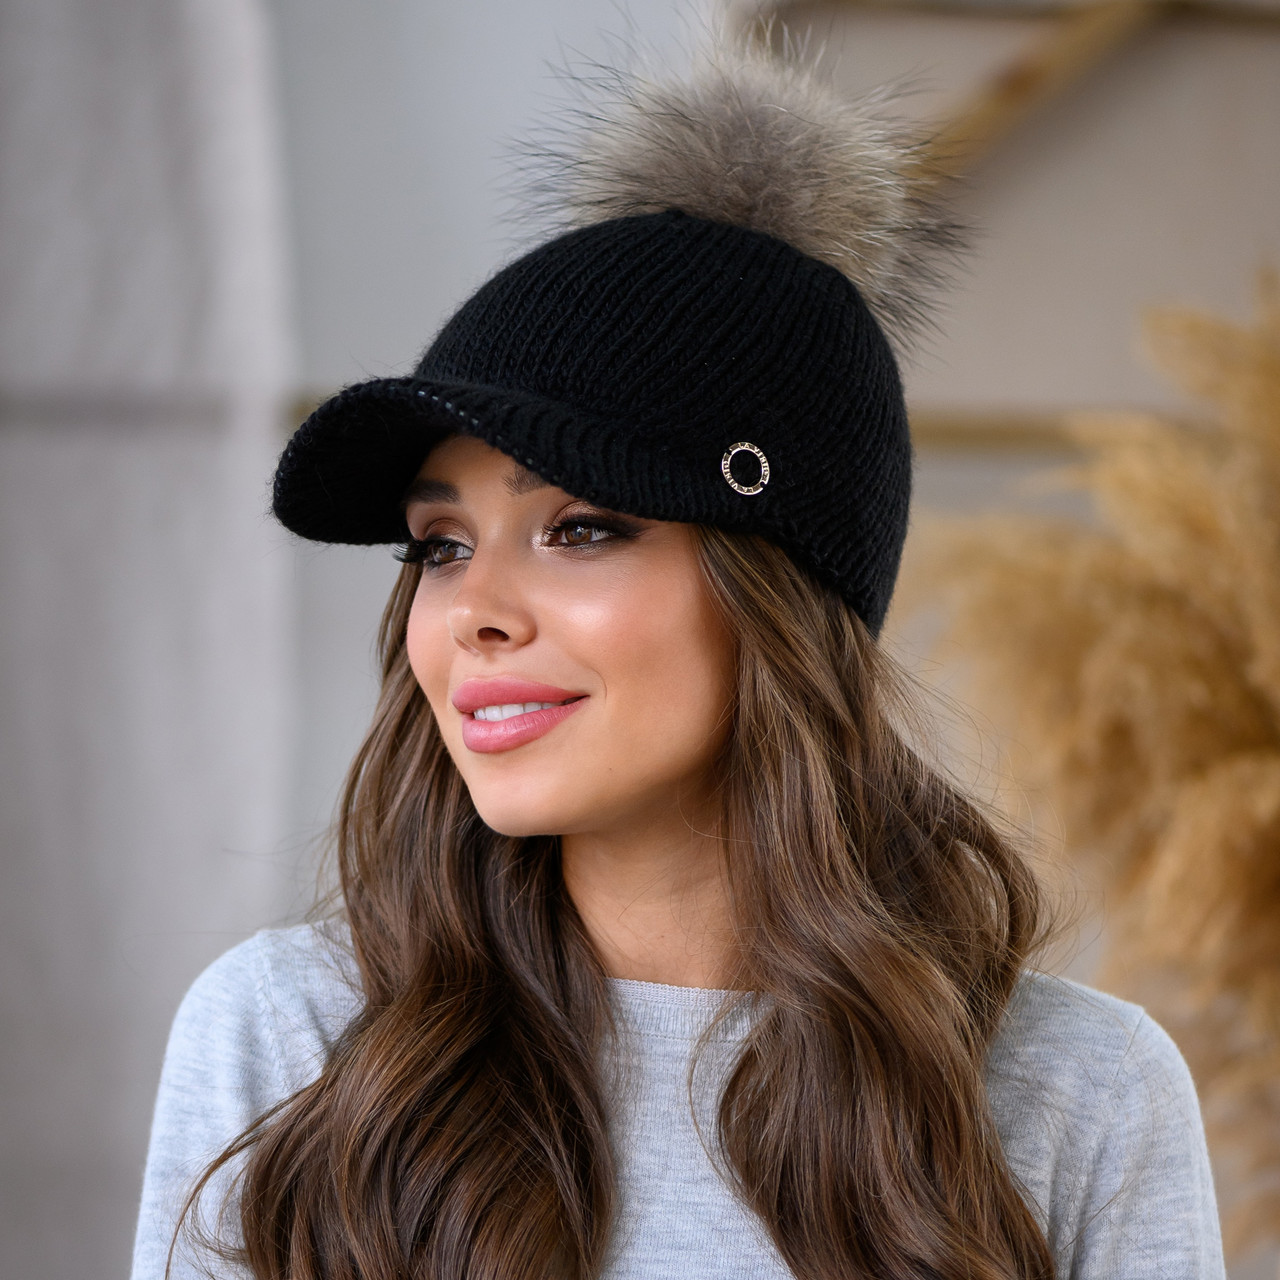 Женская шерстяная кепка с балабоном пряжа,50%шерсти, 50% акрил